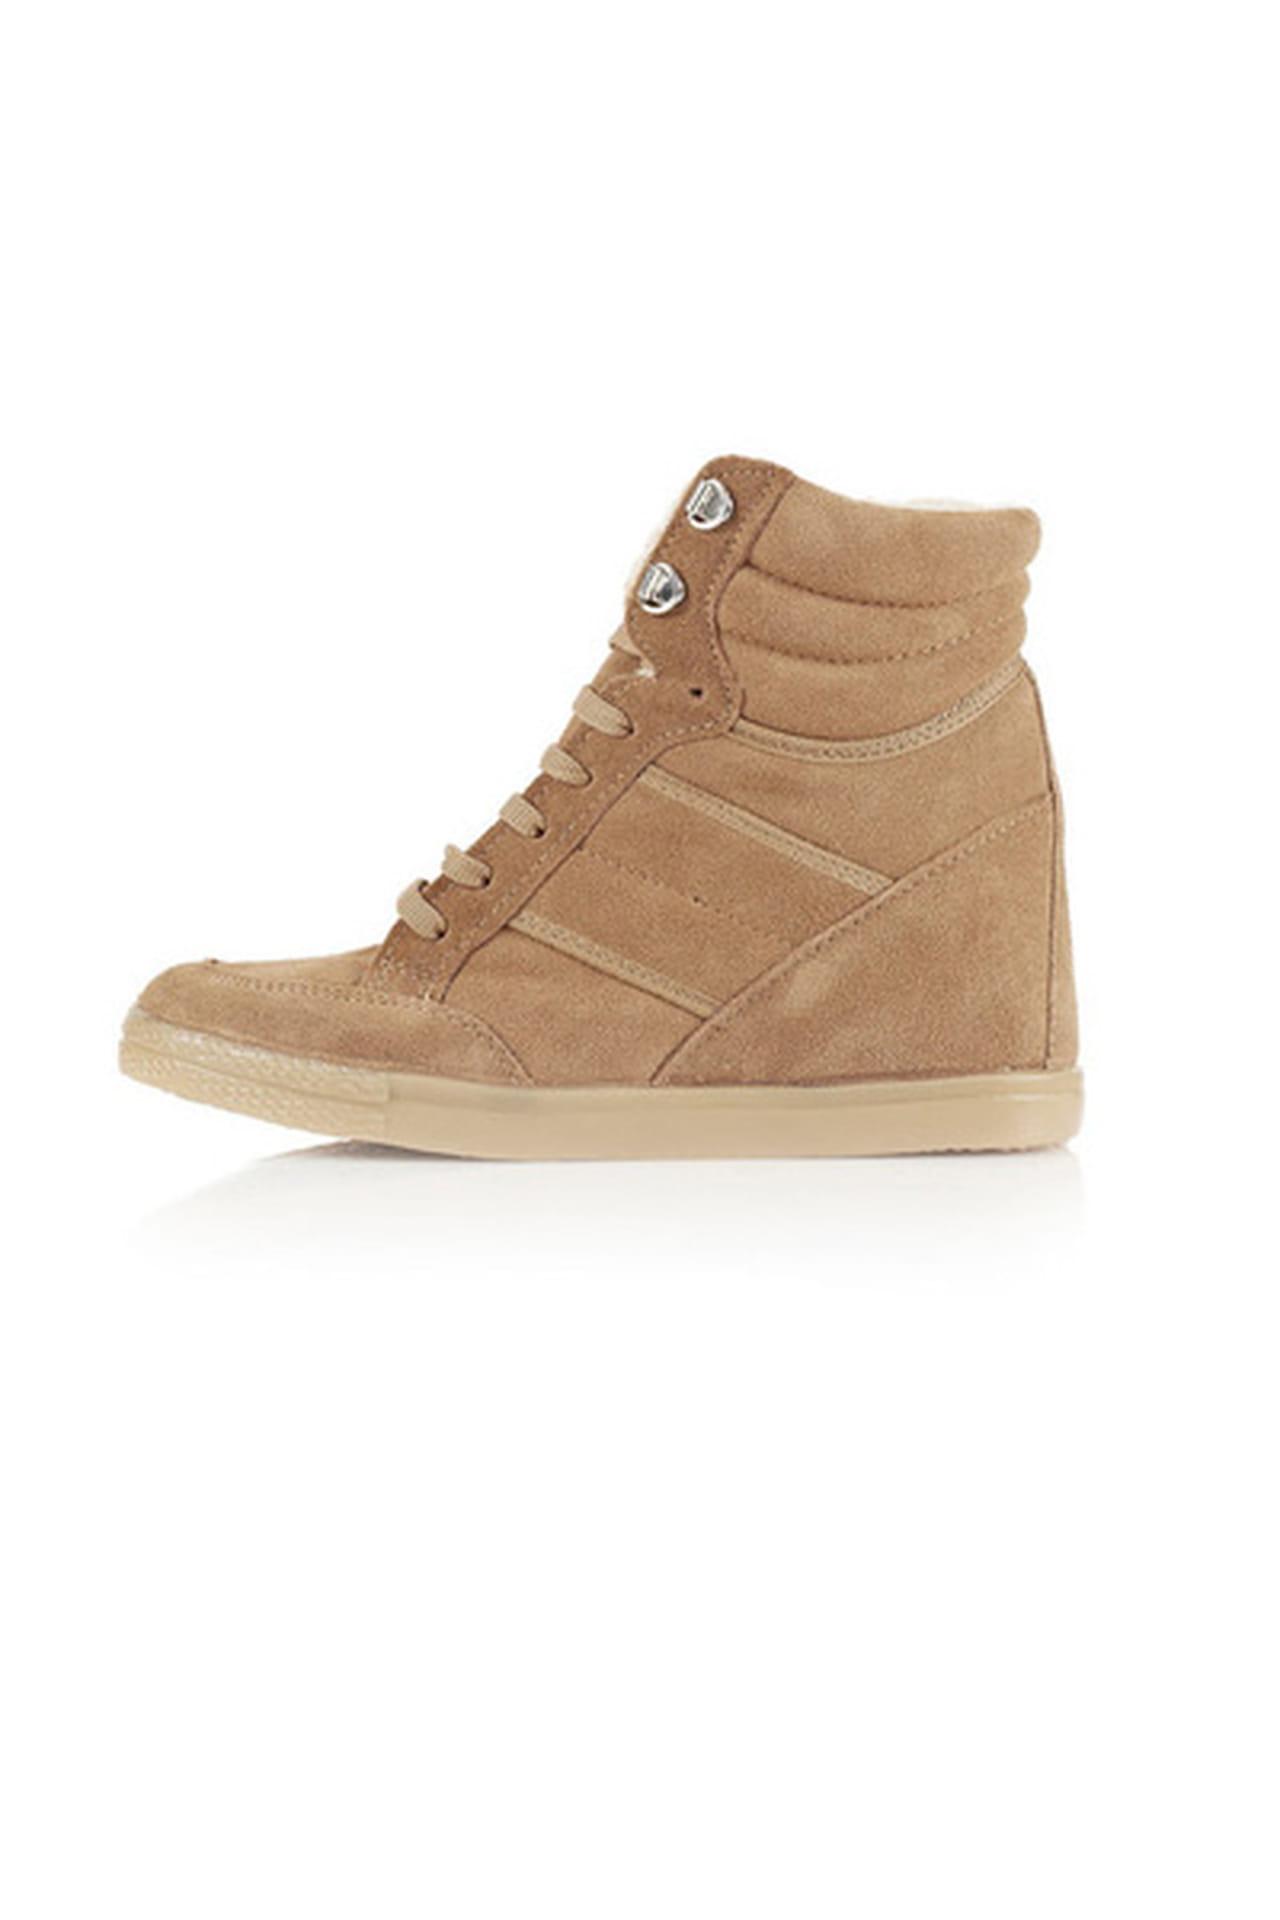 ce1513204 أحذية رياضية بكعوب عالية: صيحة عام 2013